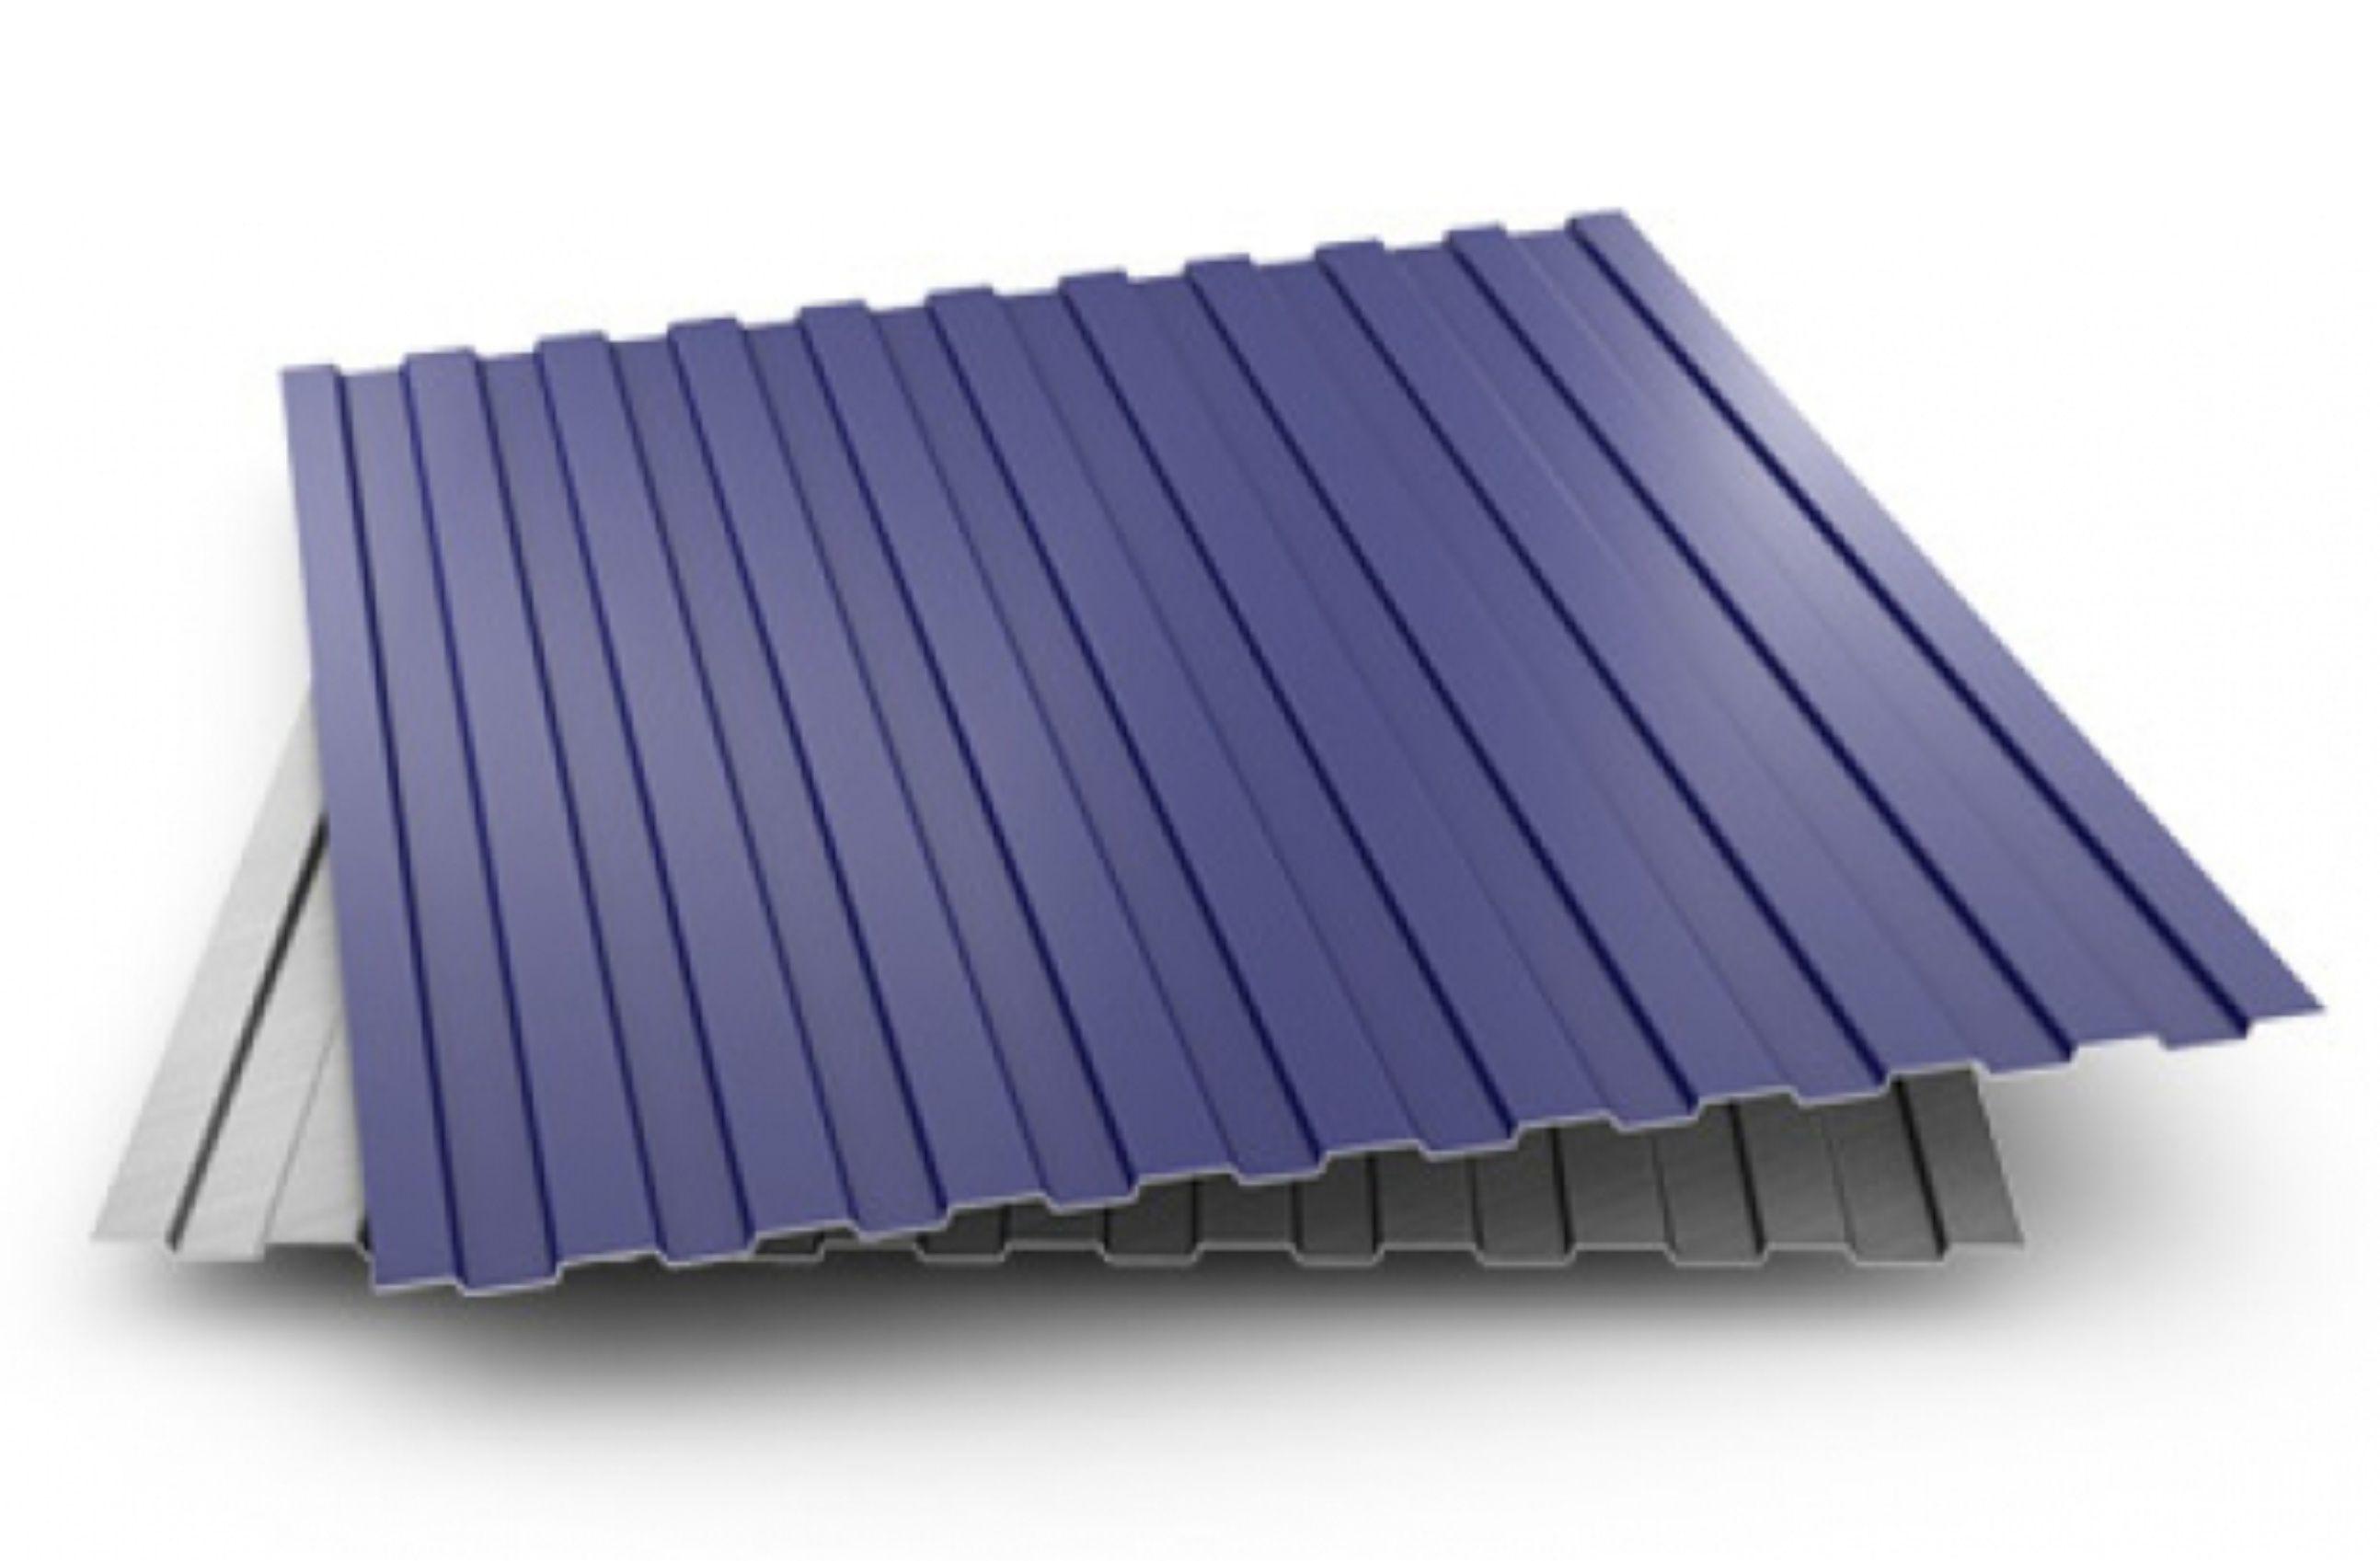 Крыши из оцинкованной стали: уход, окраска и ремонт крыши из оцинкованного листа (профиля)